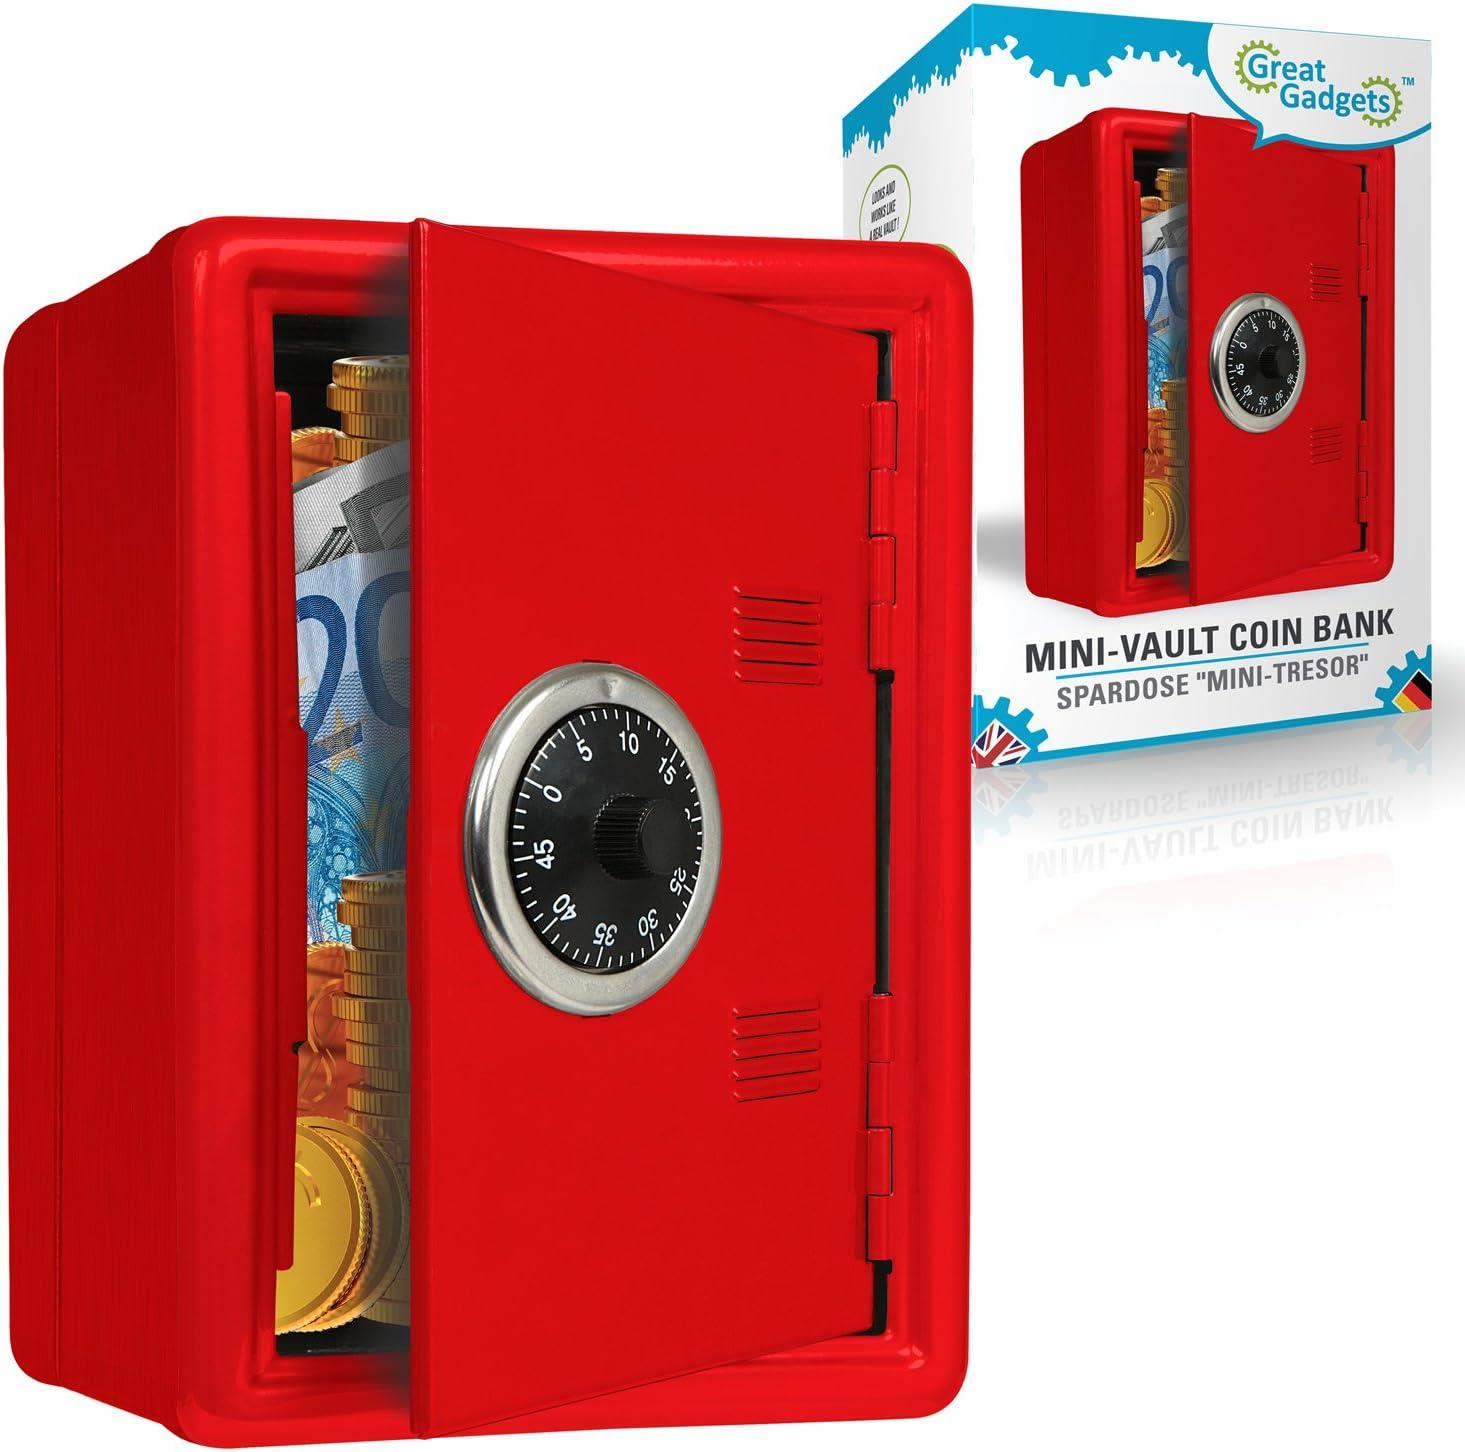 GreatGadgets 1581-2 mini-cámara acorazada del banco de moneda rojo: Amazon.es: Juguetes y juegos